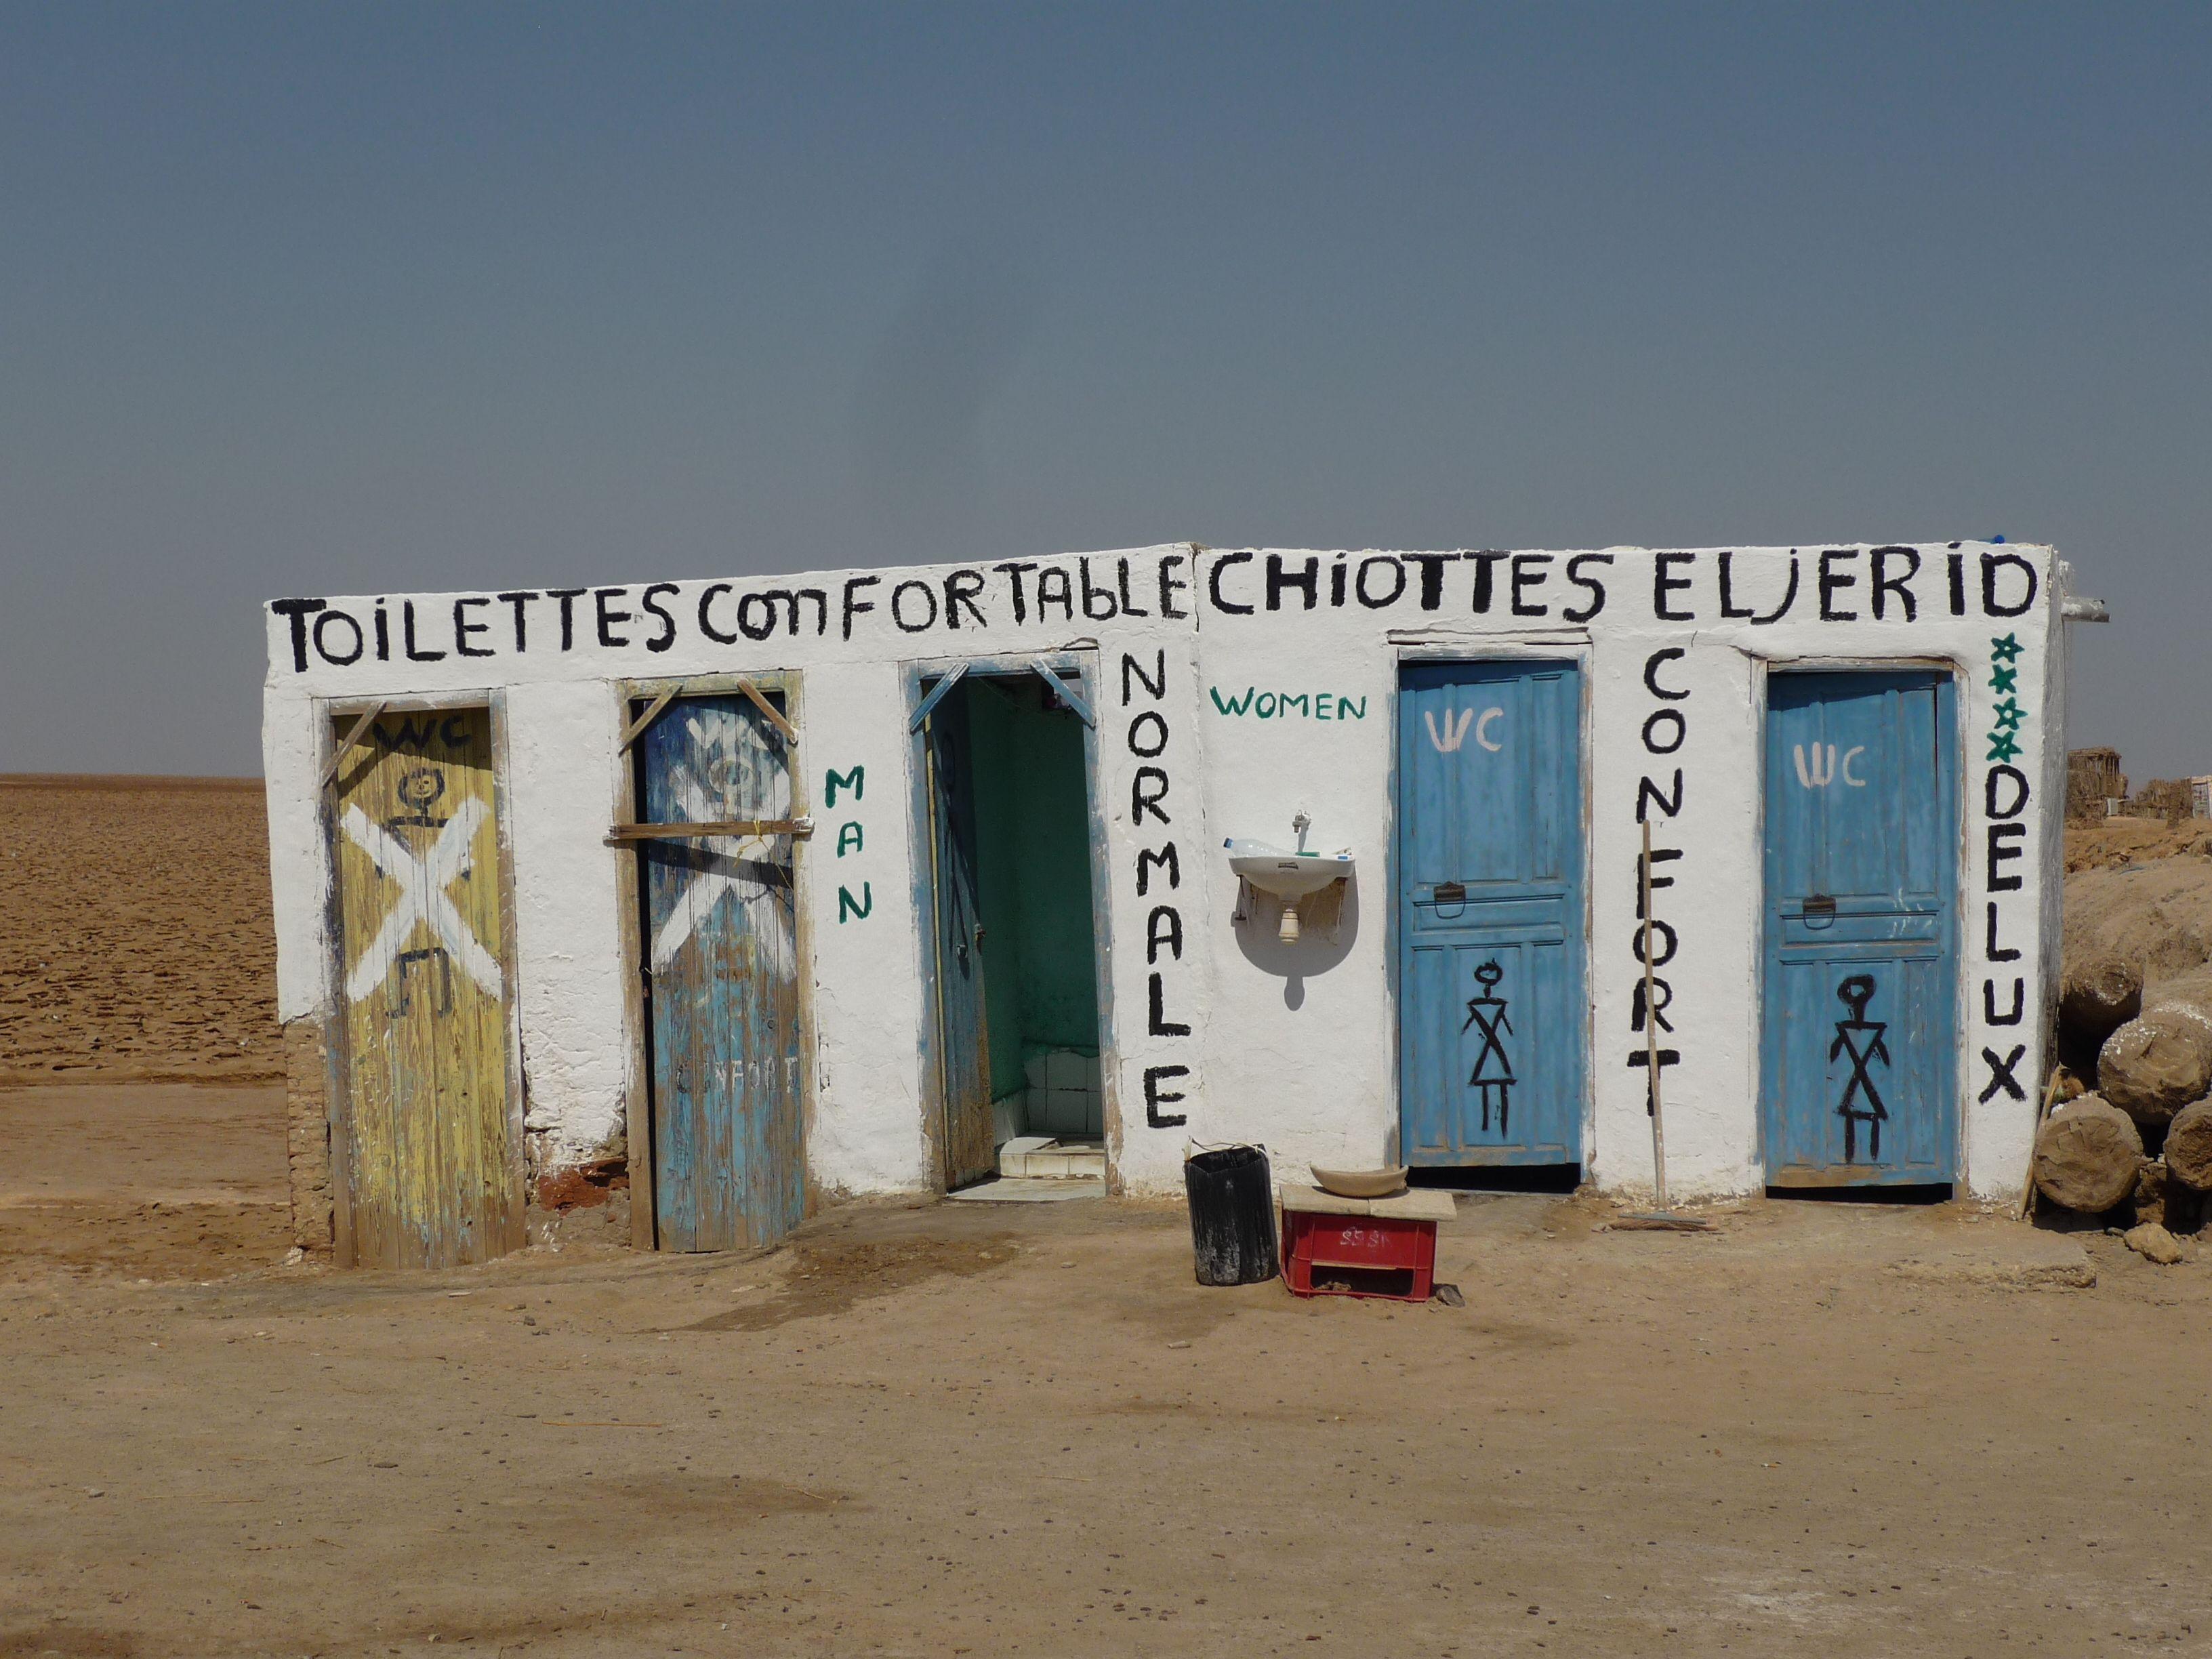 Dwie trzecie ludzi na świecie nie ma dostępu do bezpiecznej toalety. Te szalety na pustyni w Tunezji nie tylko istnieją, ale uznawane są za 'wygodne' / Fot. Anais Vergnes/Shutterstock.com